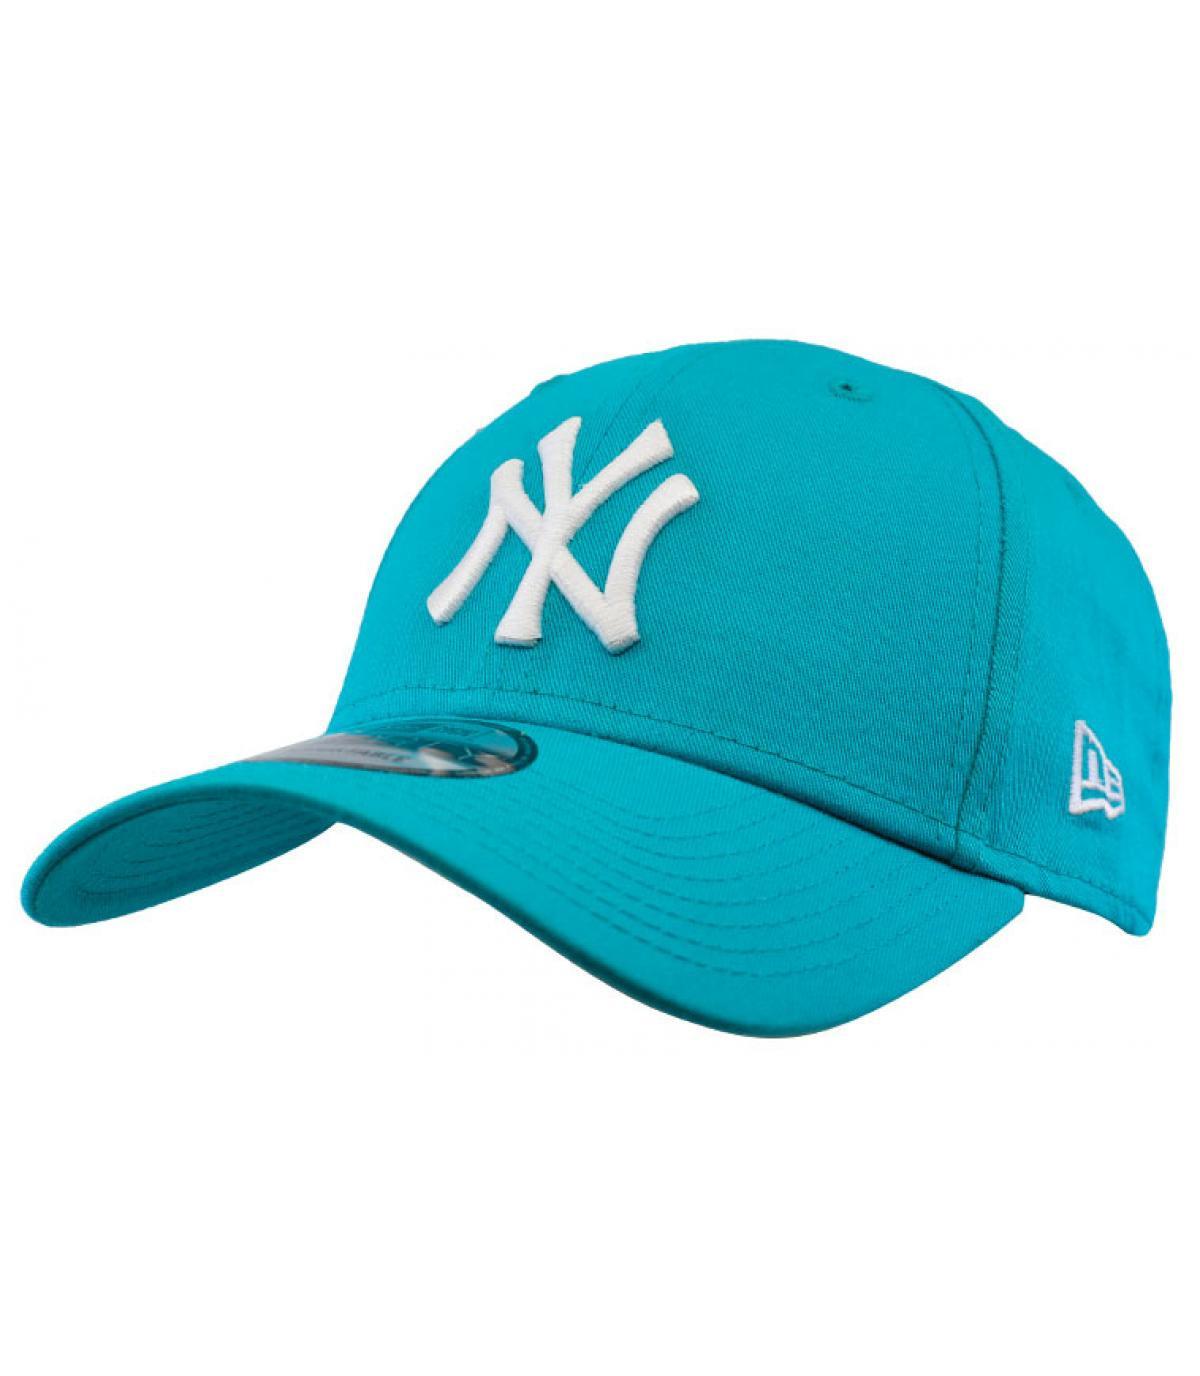 Détails League Ess NY 9Forty blue - image 2